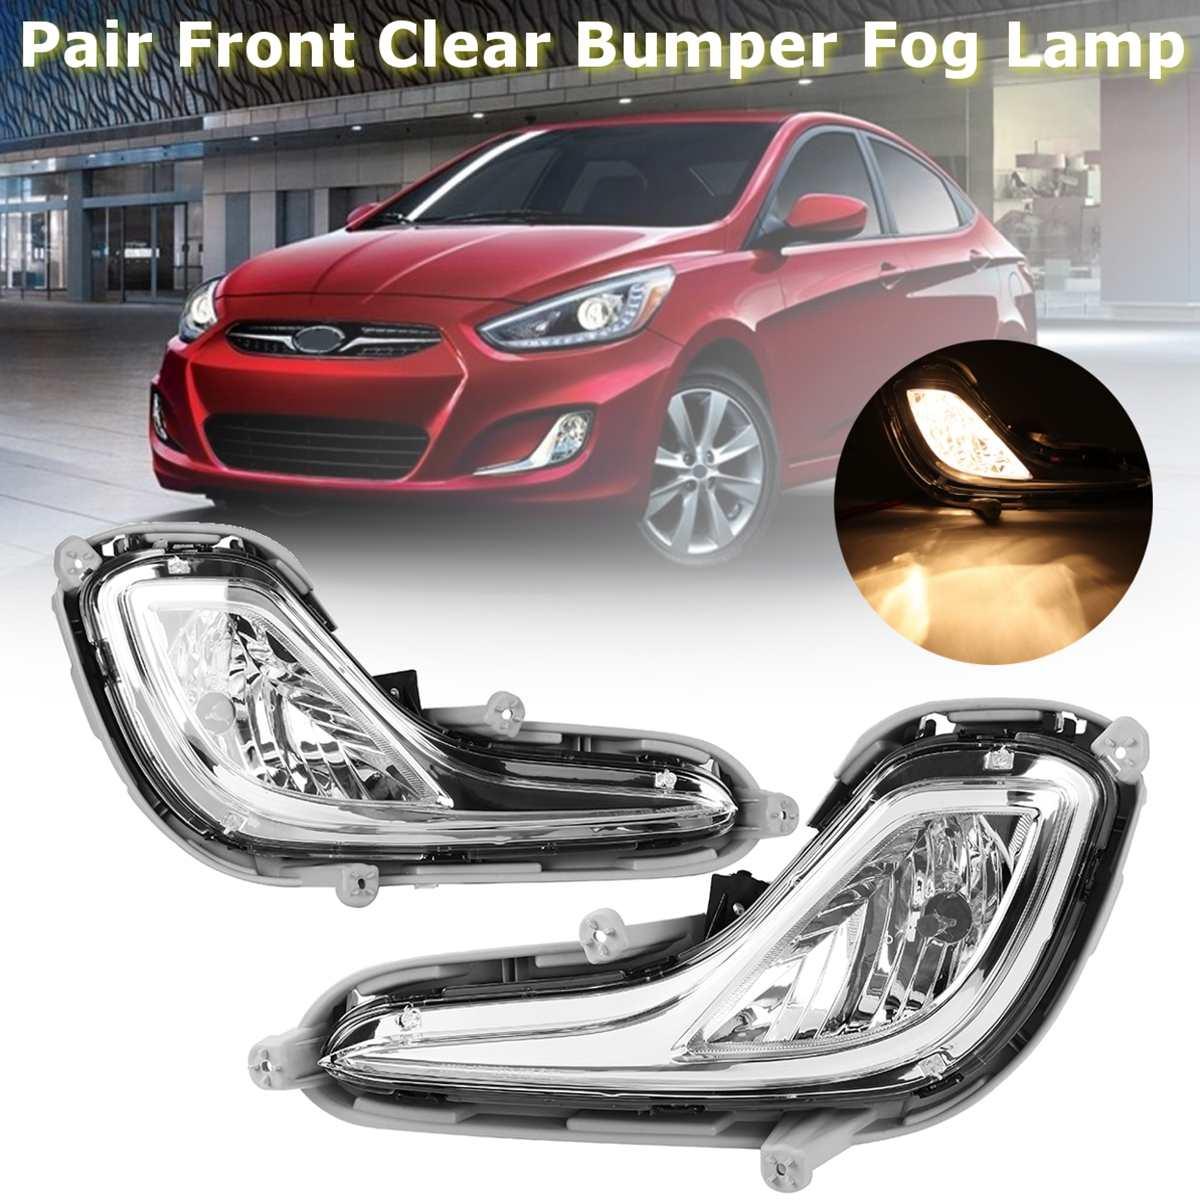 Pour Hyundai Accent 2012 2013 2014 paire avant clair pare-chocs feux antibrouillard feux de jour avec ampoules